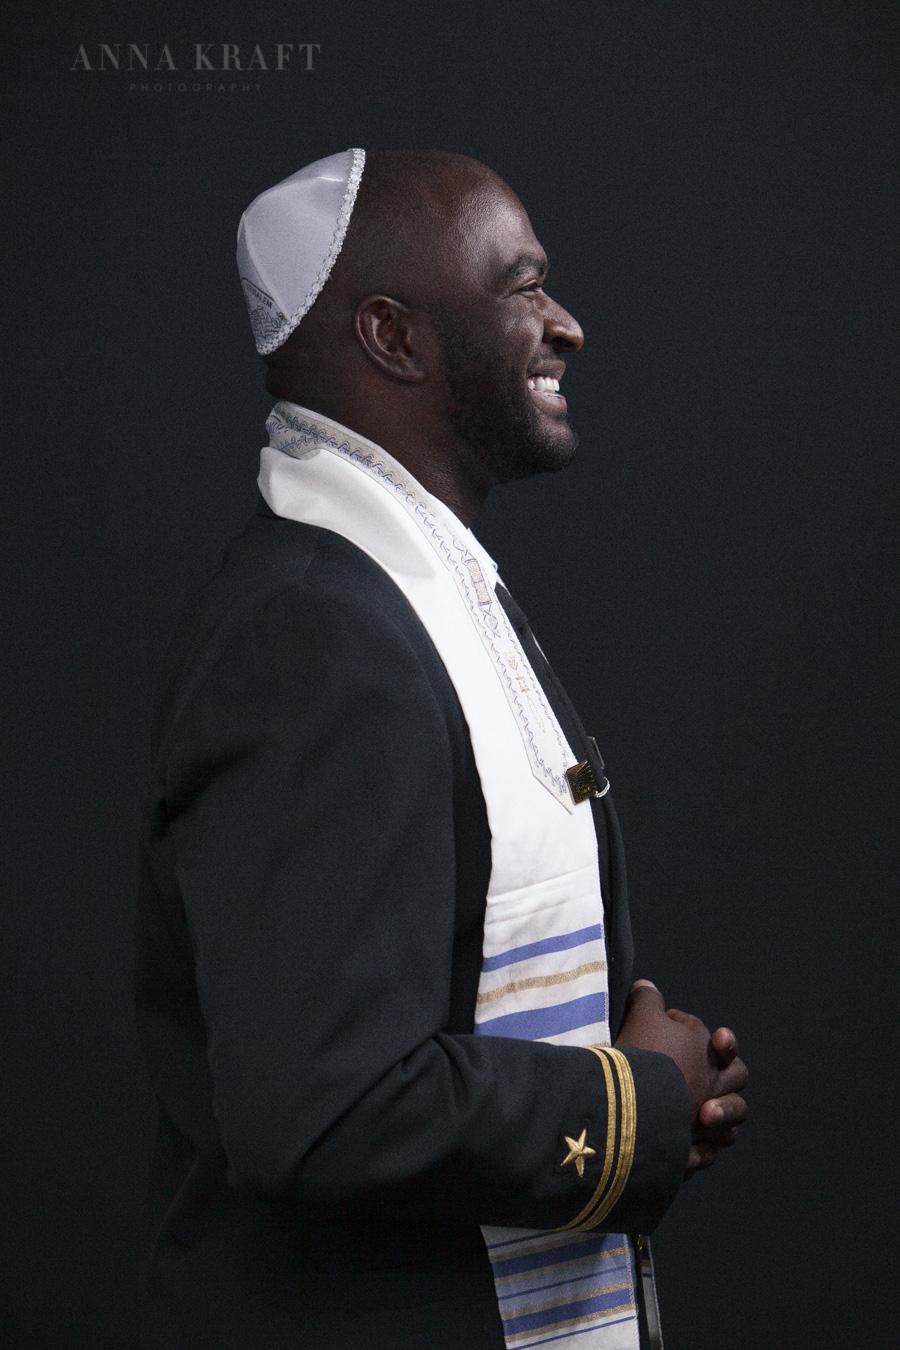 Rabbi_Jonathan_Dade_Author_MBA_MTS-7.jpg